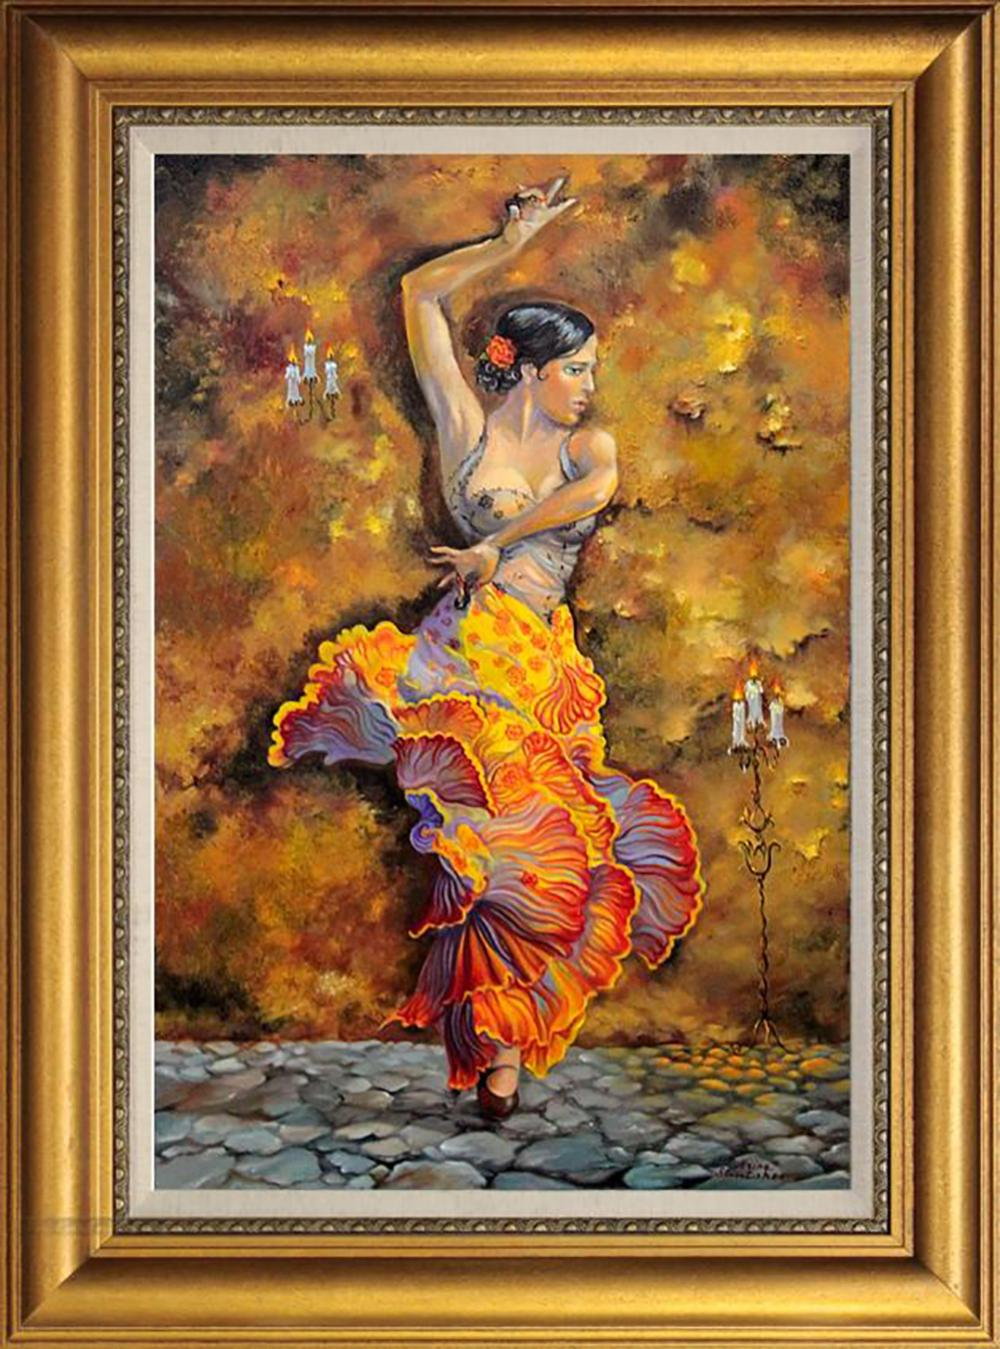 Mixed media on canvas by Arina